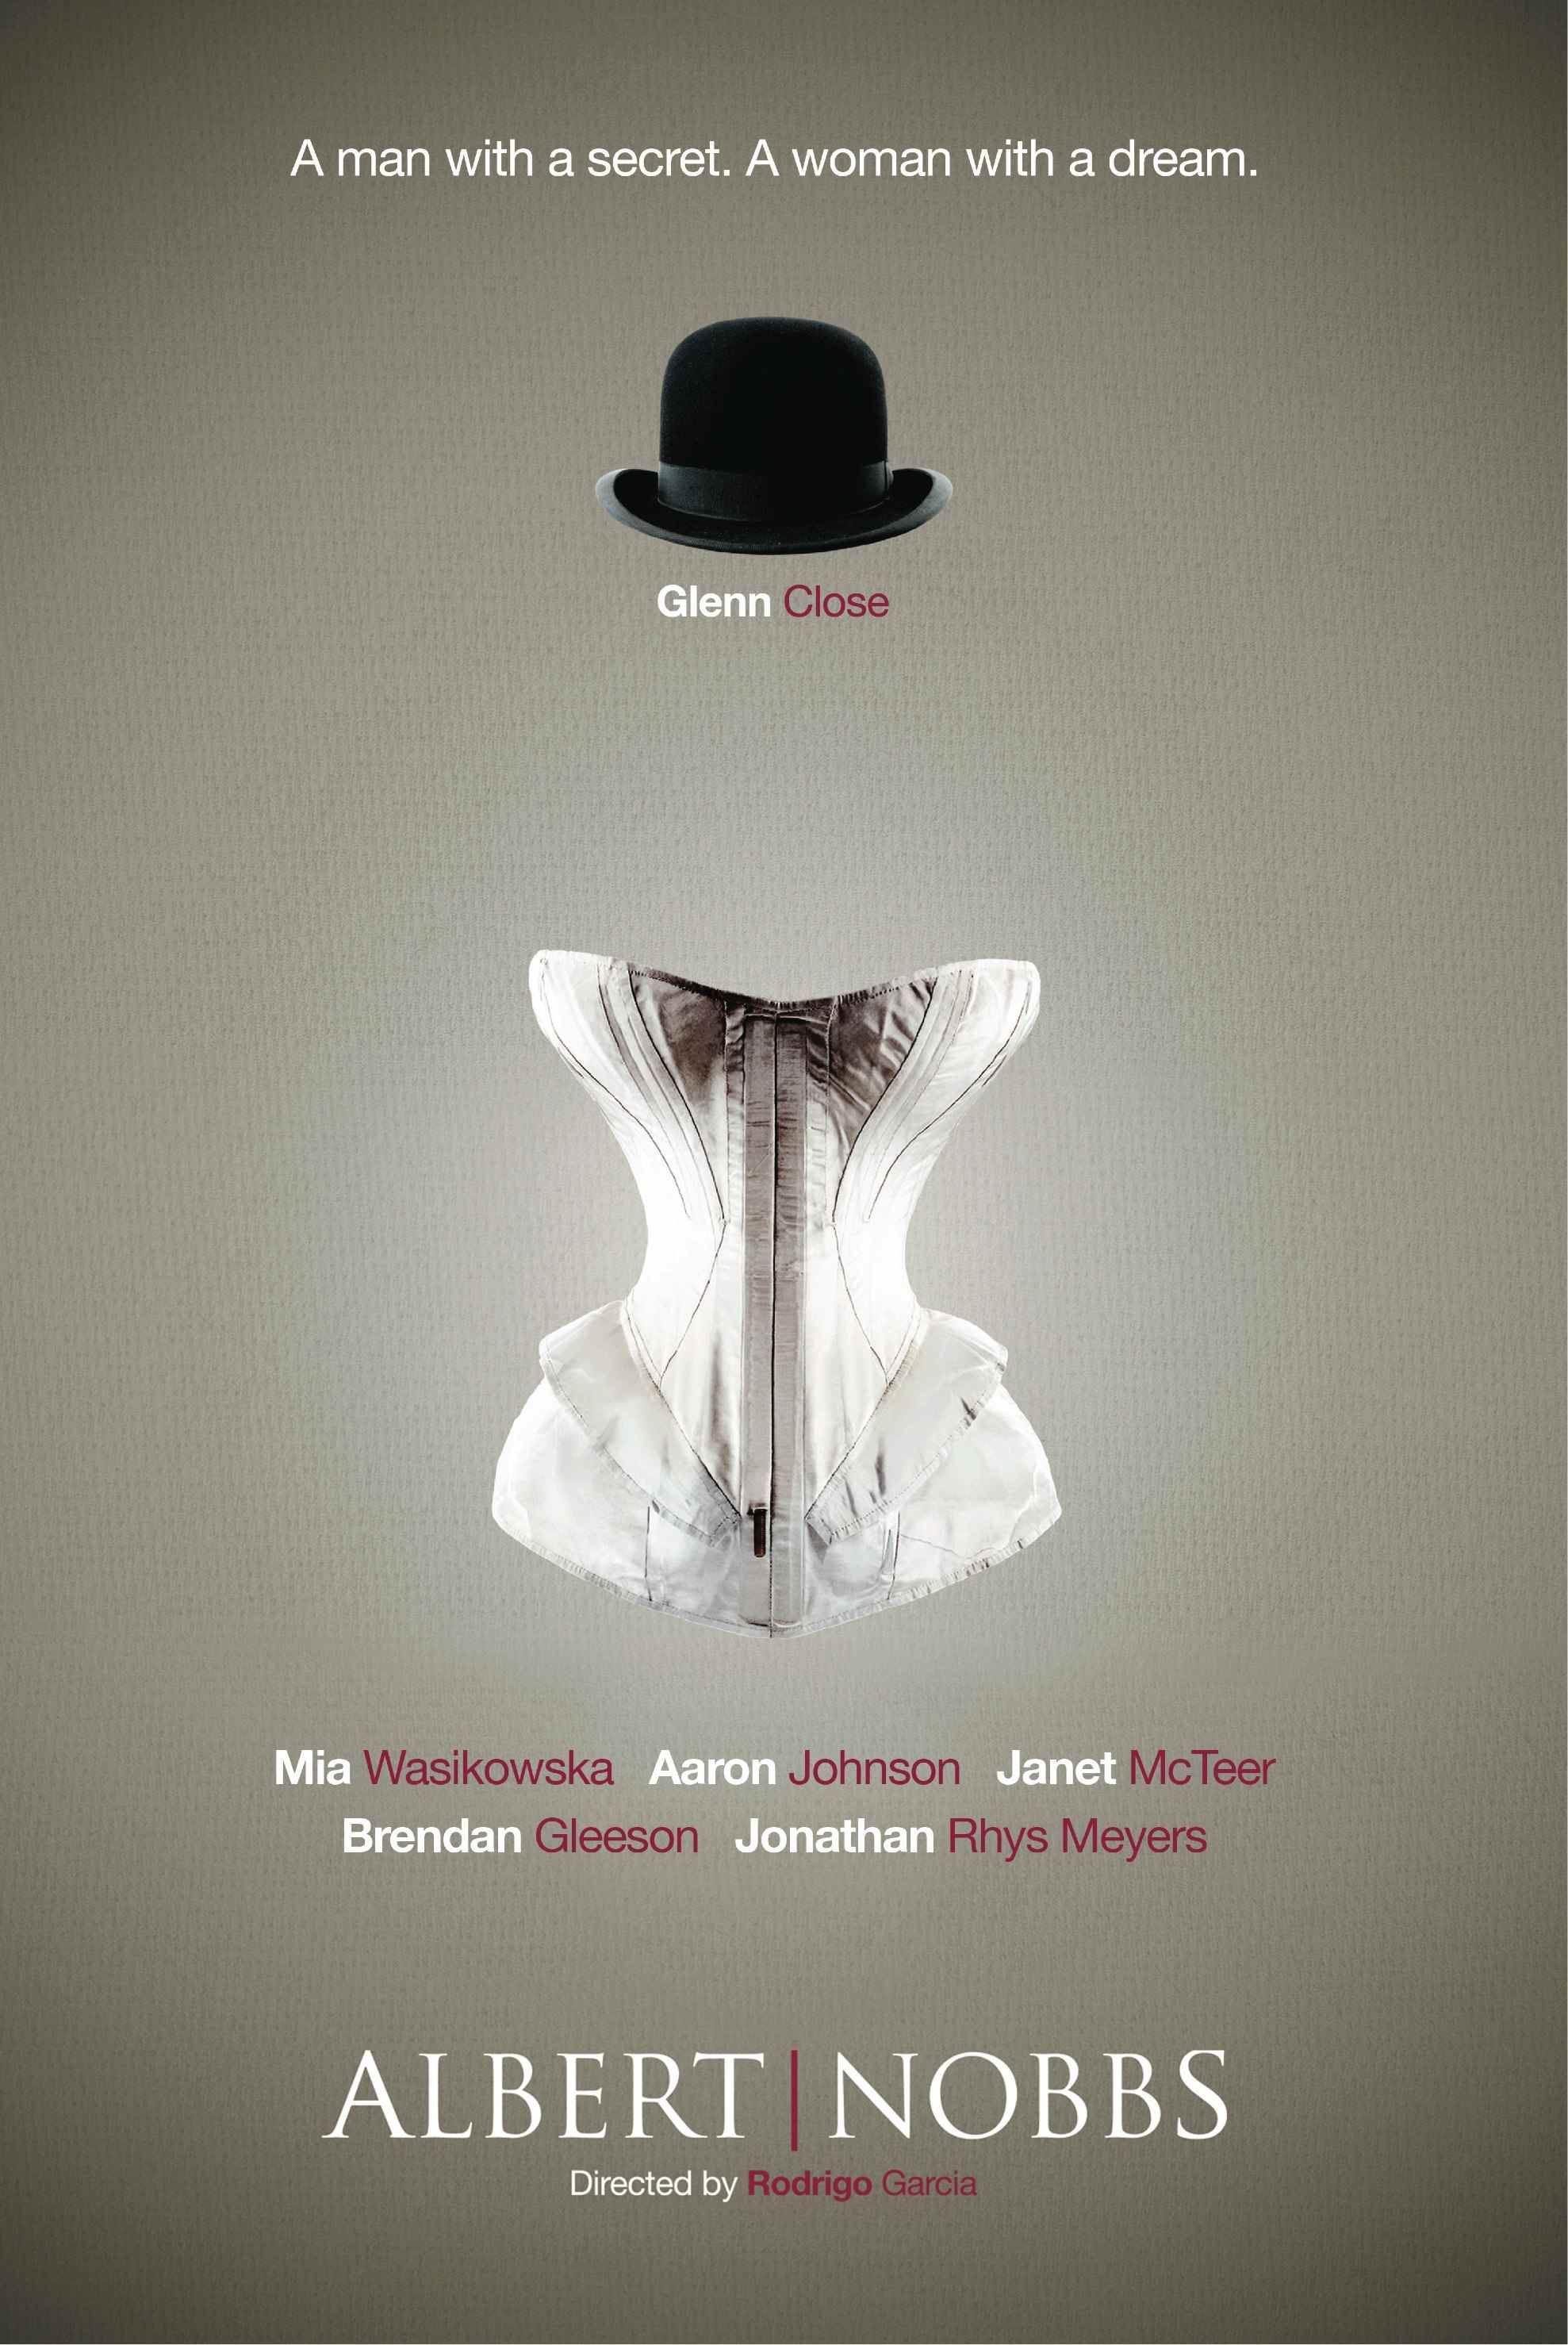 плакат фильма сейлс-арт Таинственный Альберт Ноббс